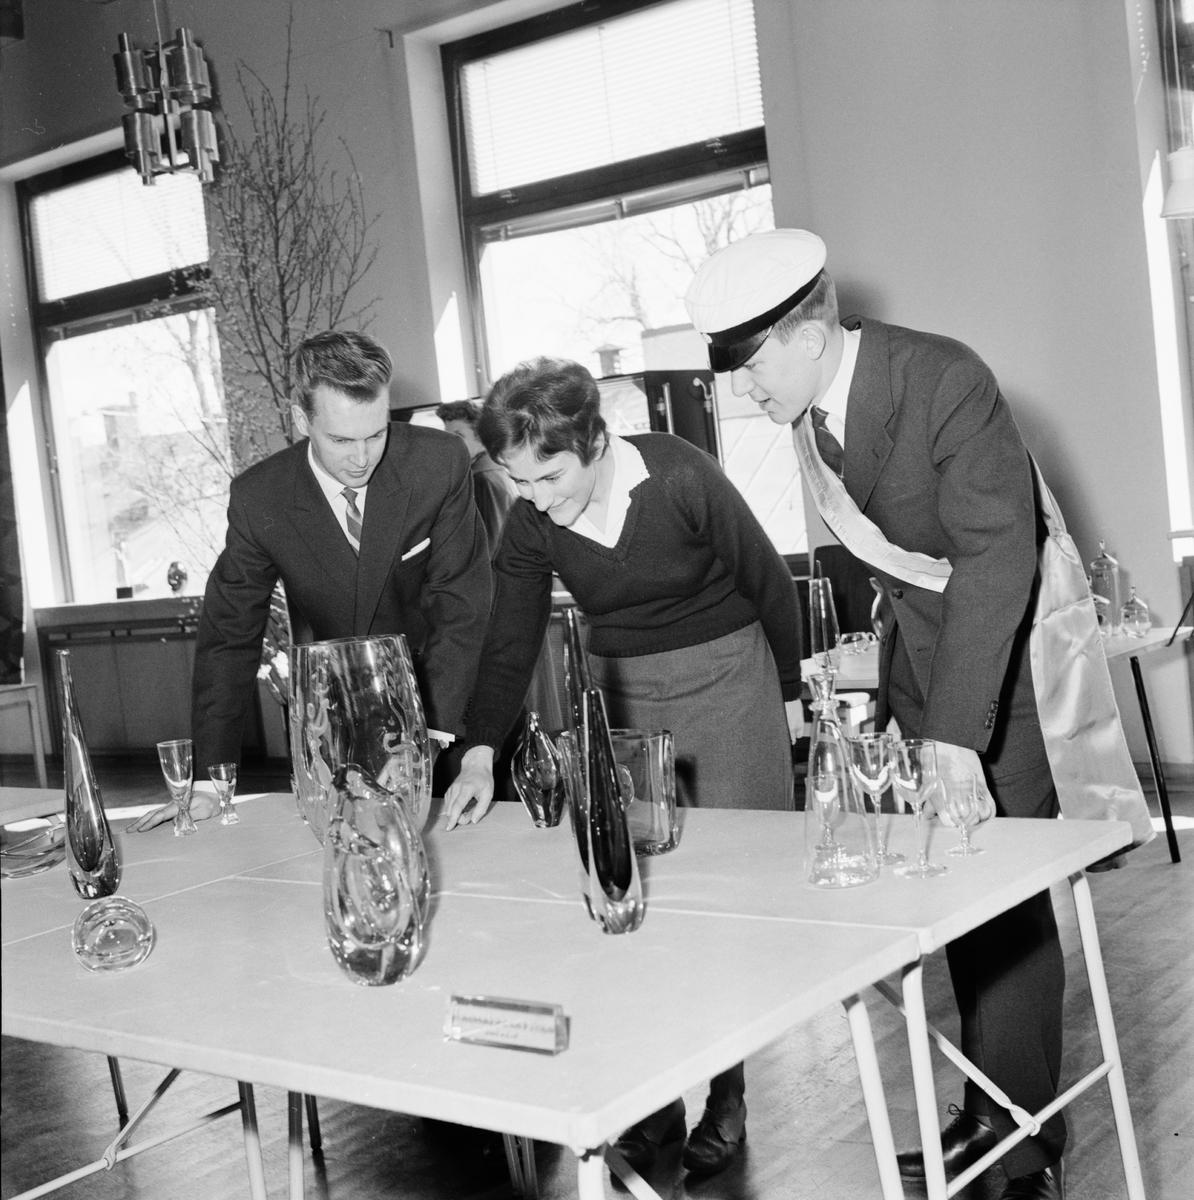 Smålands nation - glasexpo, Uppsala april 1961